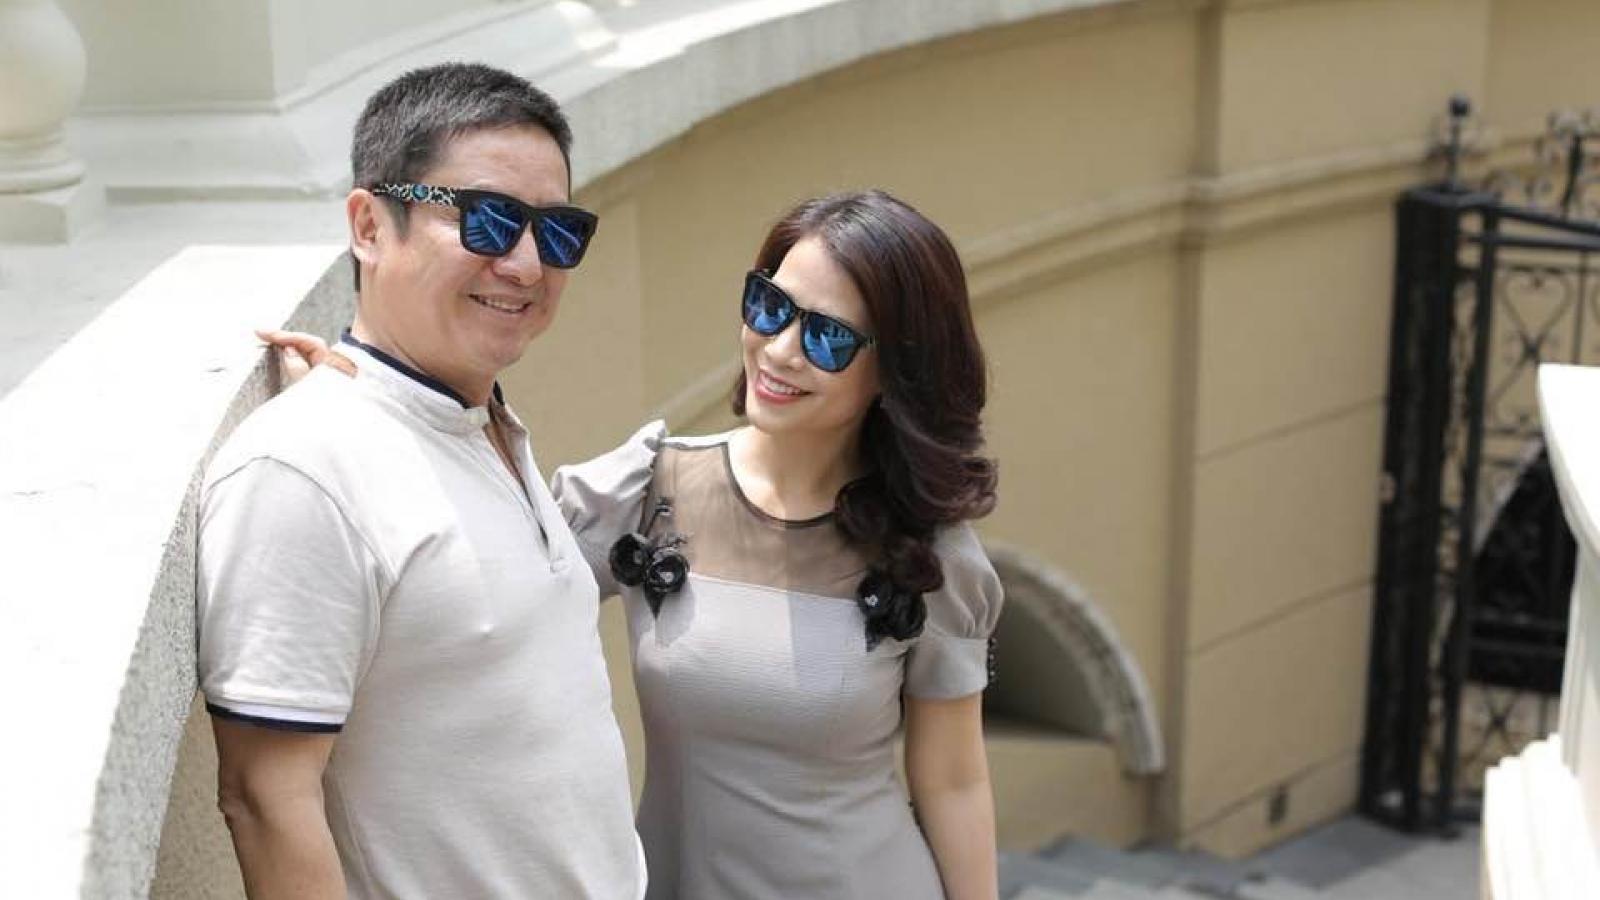 NSƯT Chí Trung đeo kính đôi với bạn gái, ngày càng hạnh phúc